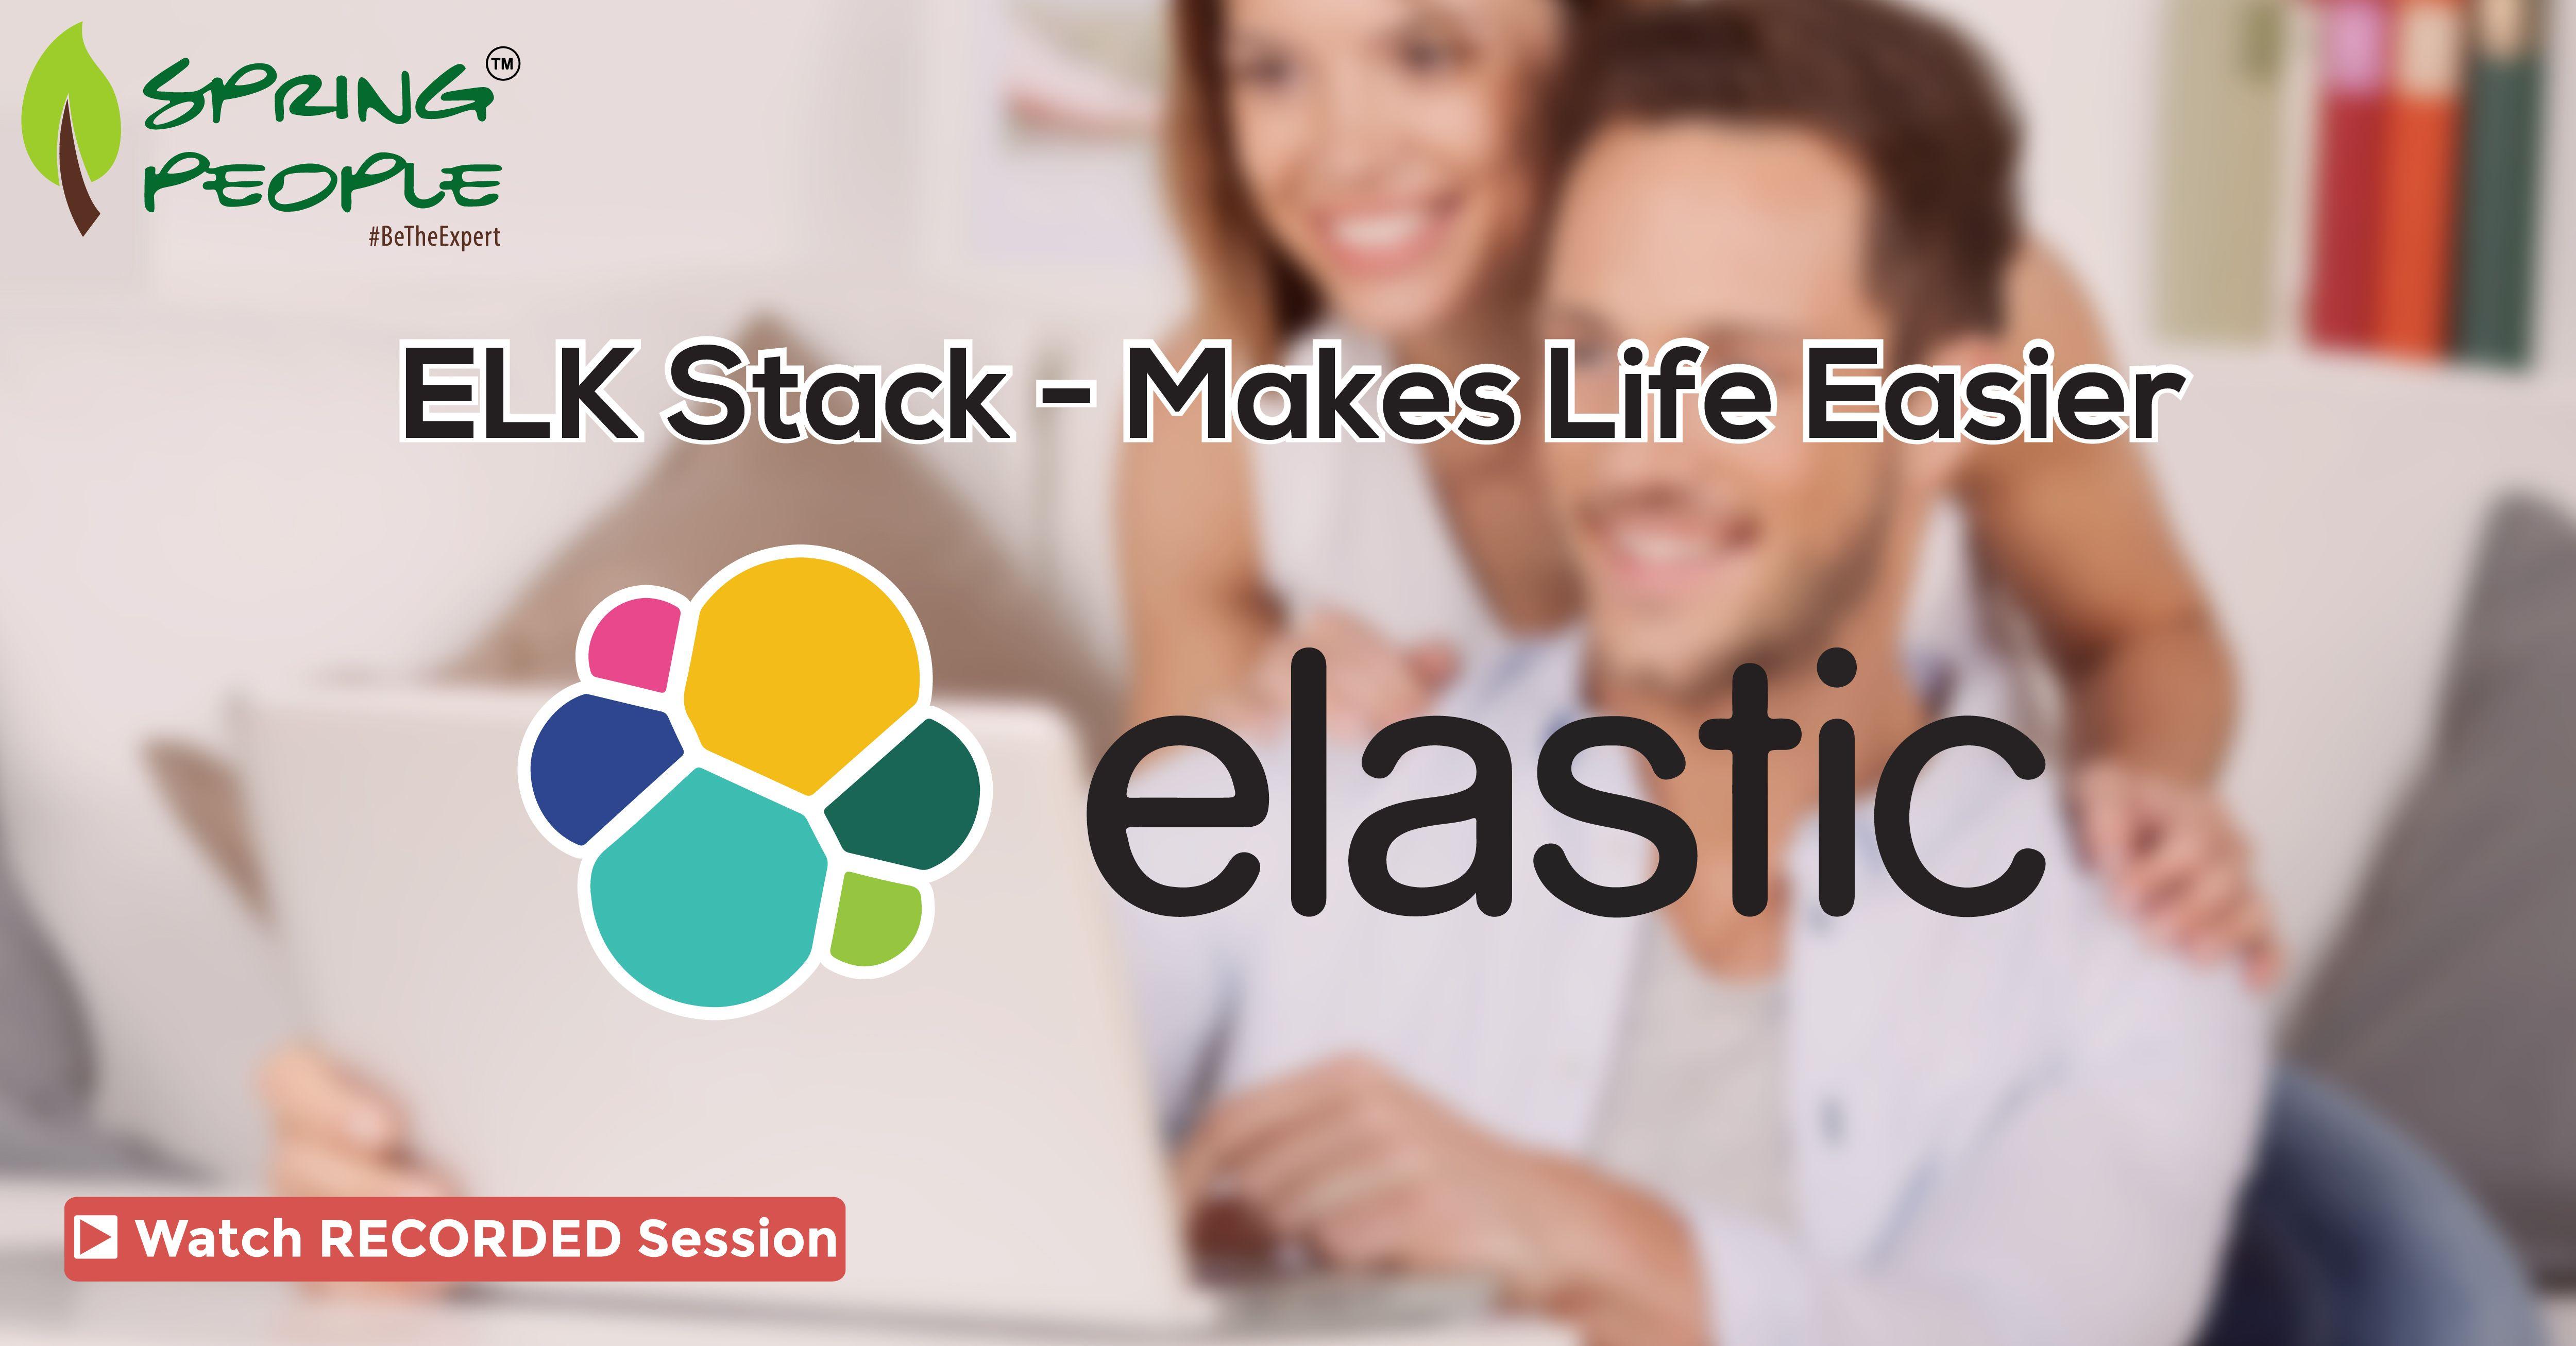 """For those who missed our live #Webinar! Get a free access to recorded session on """"ELK Stack: Makes life easier"""": #elasticsearch #Logstash #Kibana http://www.springpeople.com/webinars/elk-stack-makes-life-easier?utm_source=Pinterest&utm_medium=Social&utm_campaign=Brand_PI_WBRec_ELK_280616"""